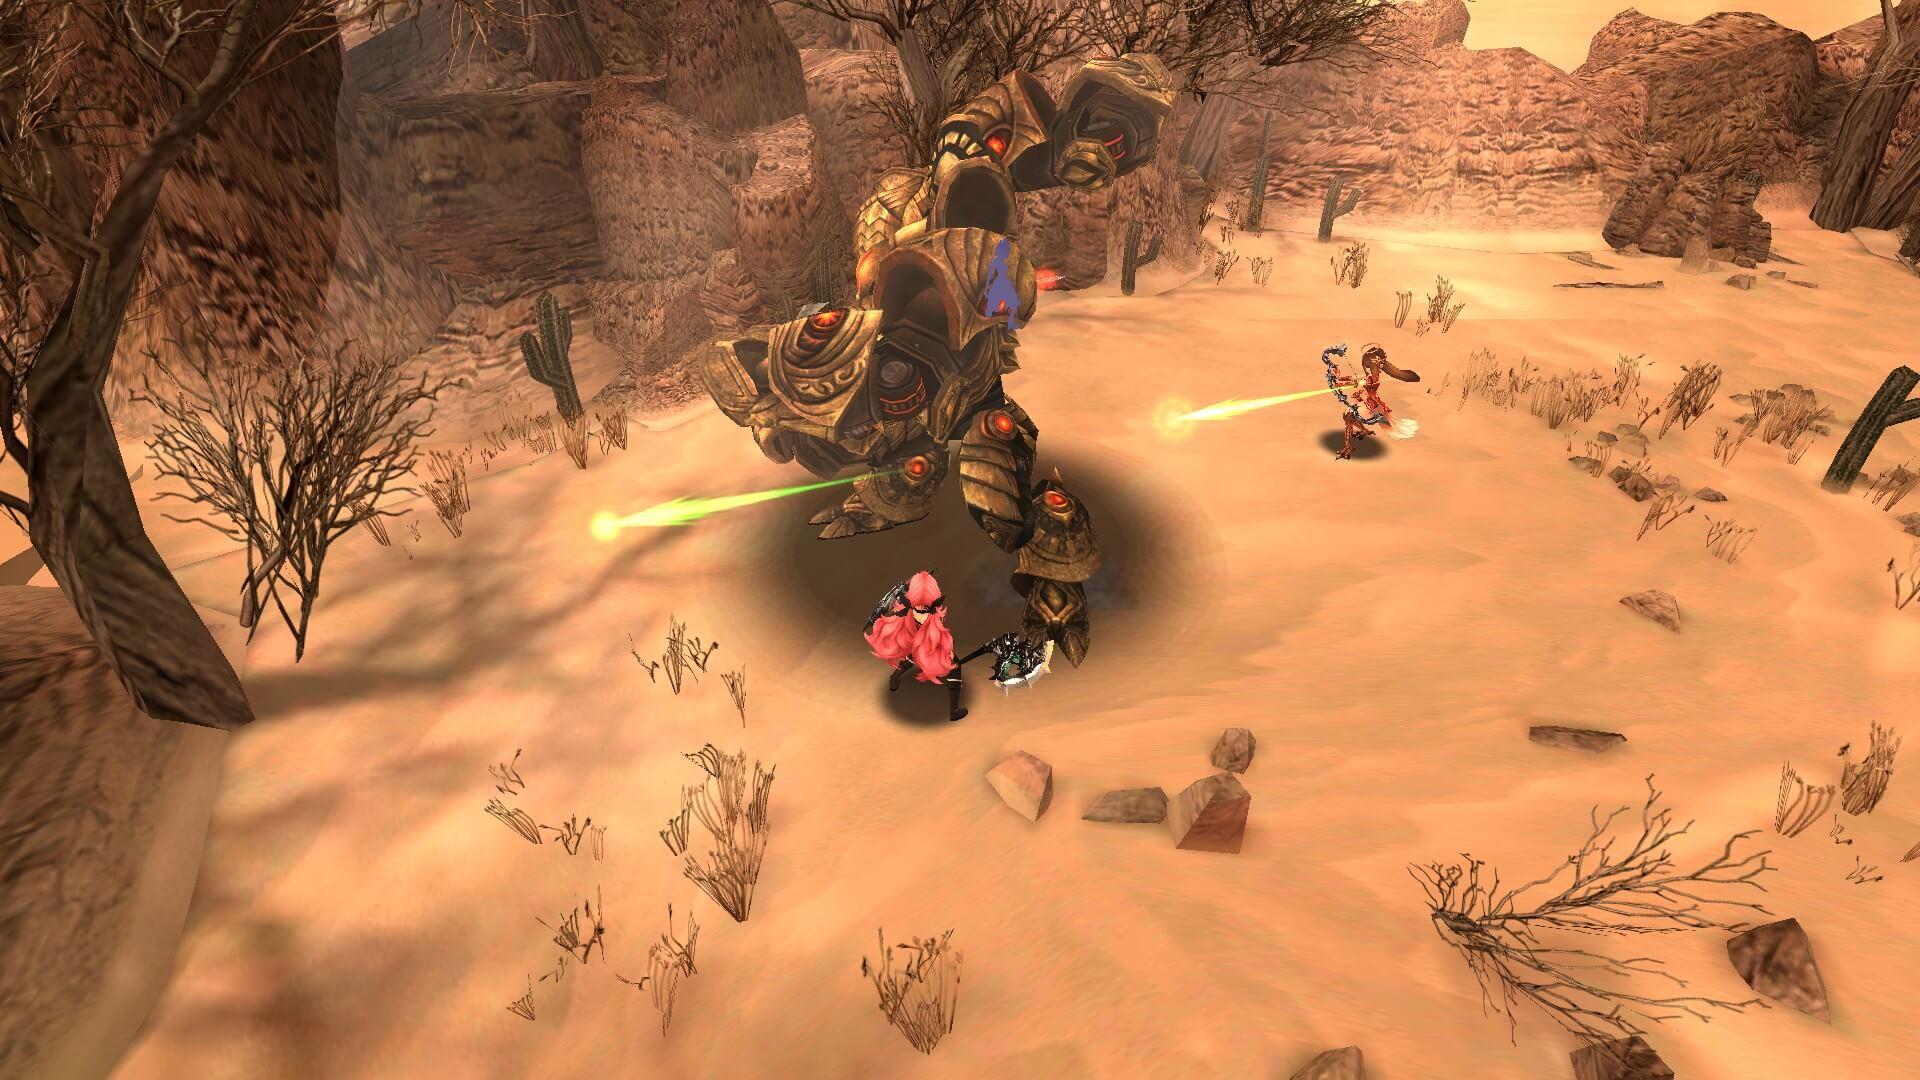 砂漠でゴーレムに戦いを挑んでいるところです。